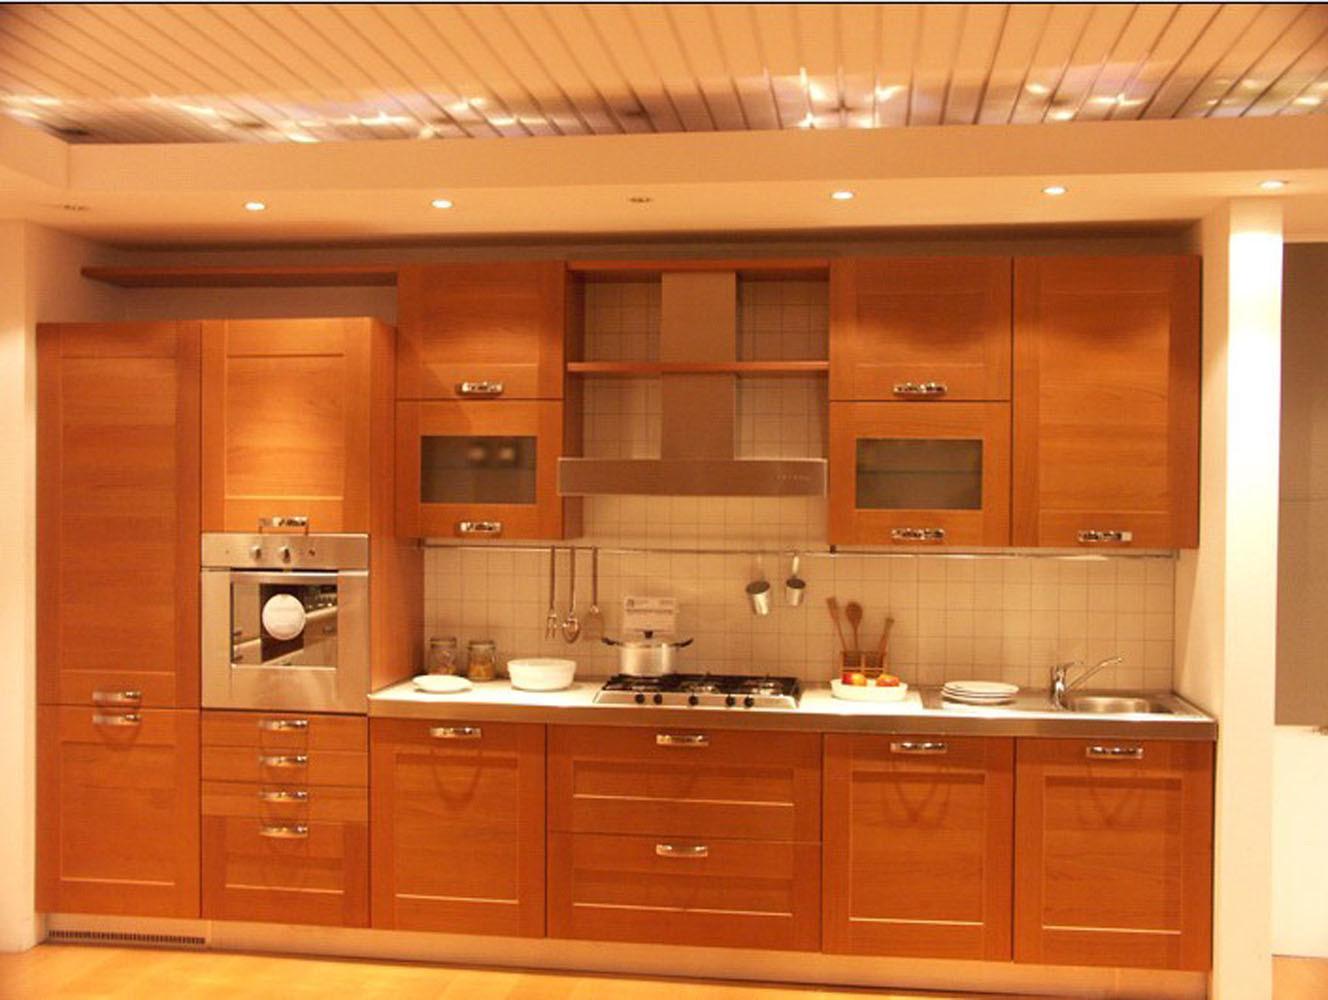 Gabinetes de cocina duros importados del estilo de la puerta de la ...